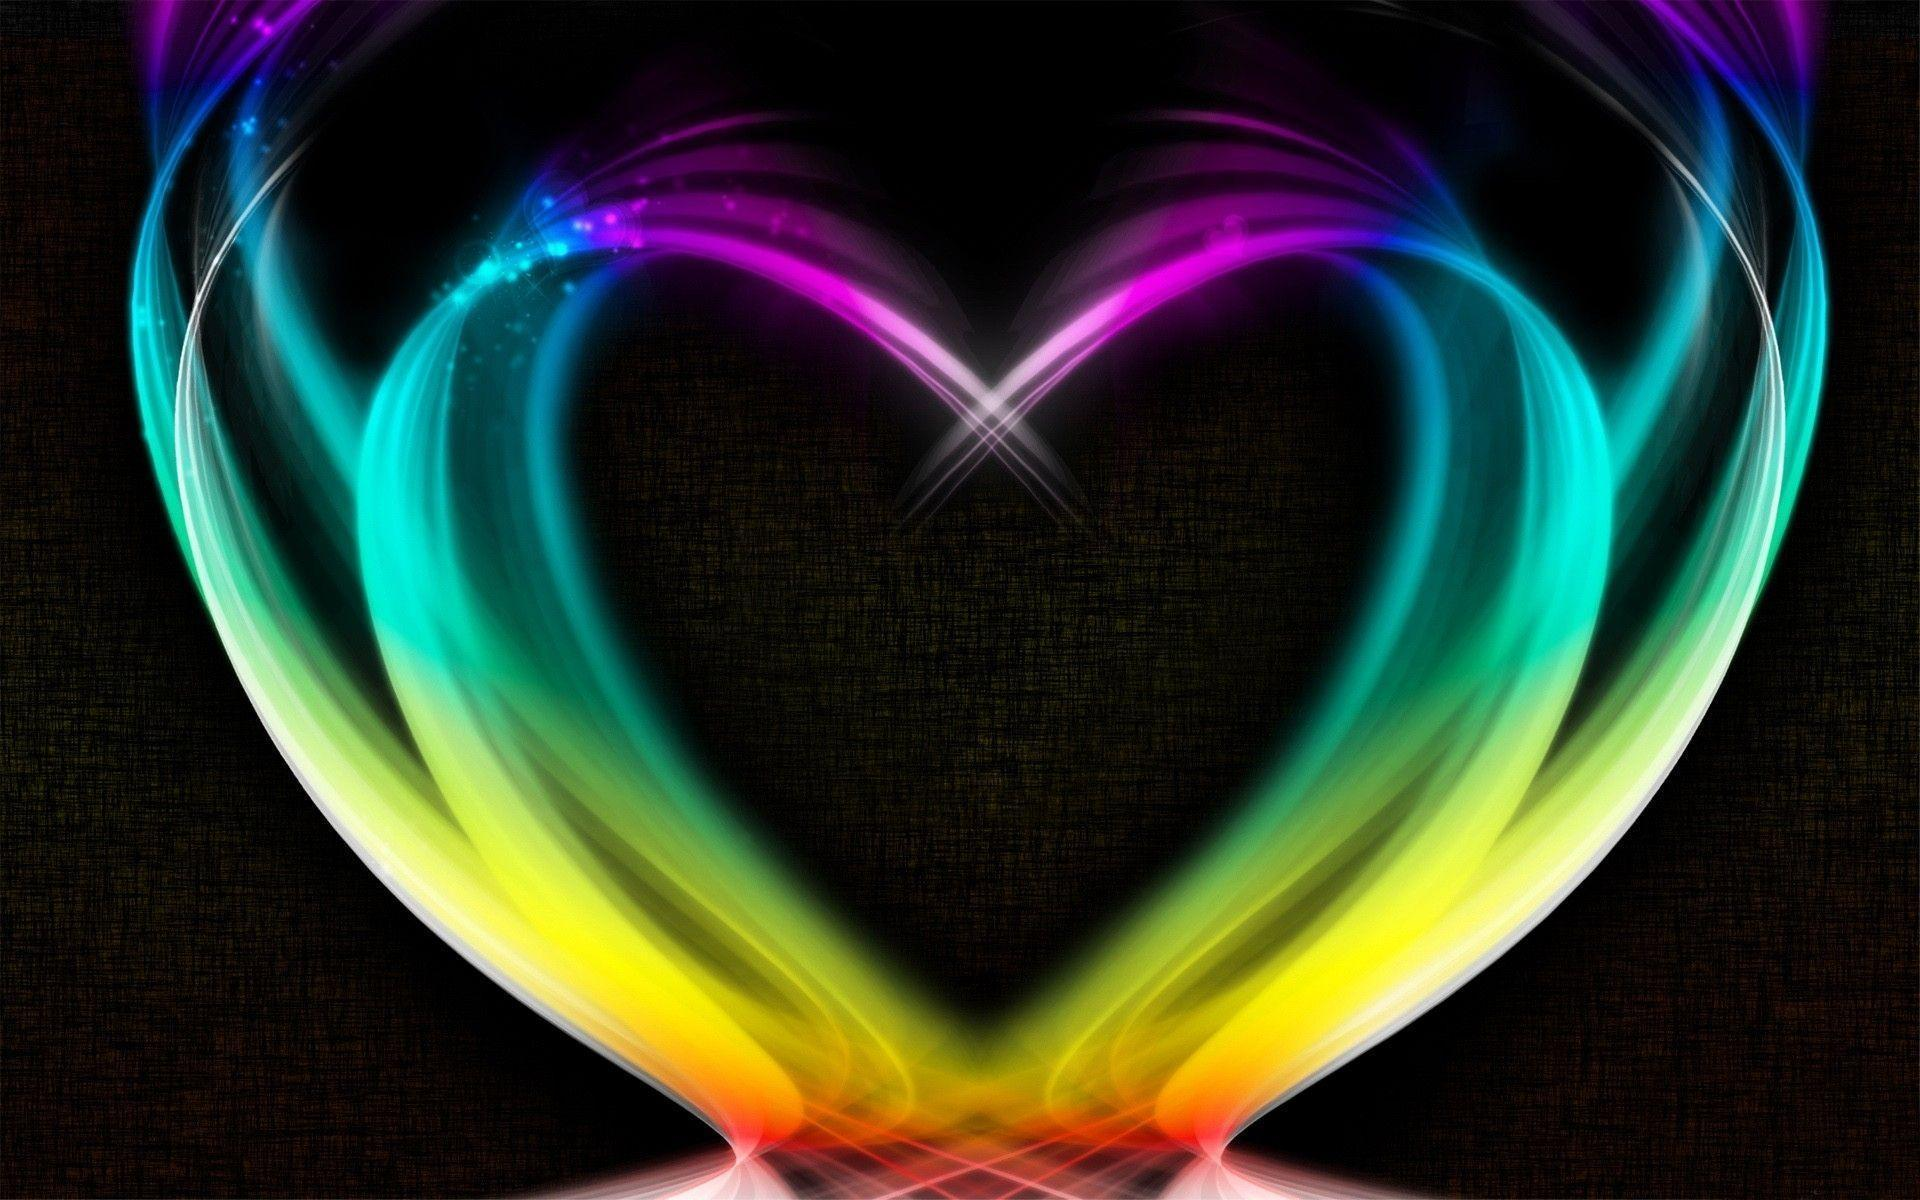 Heartsd